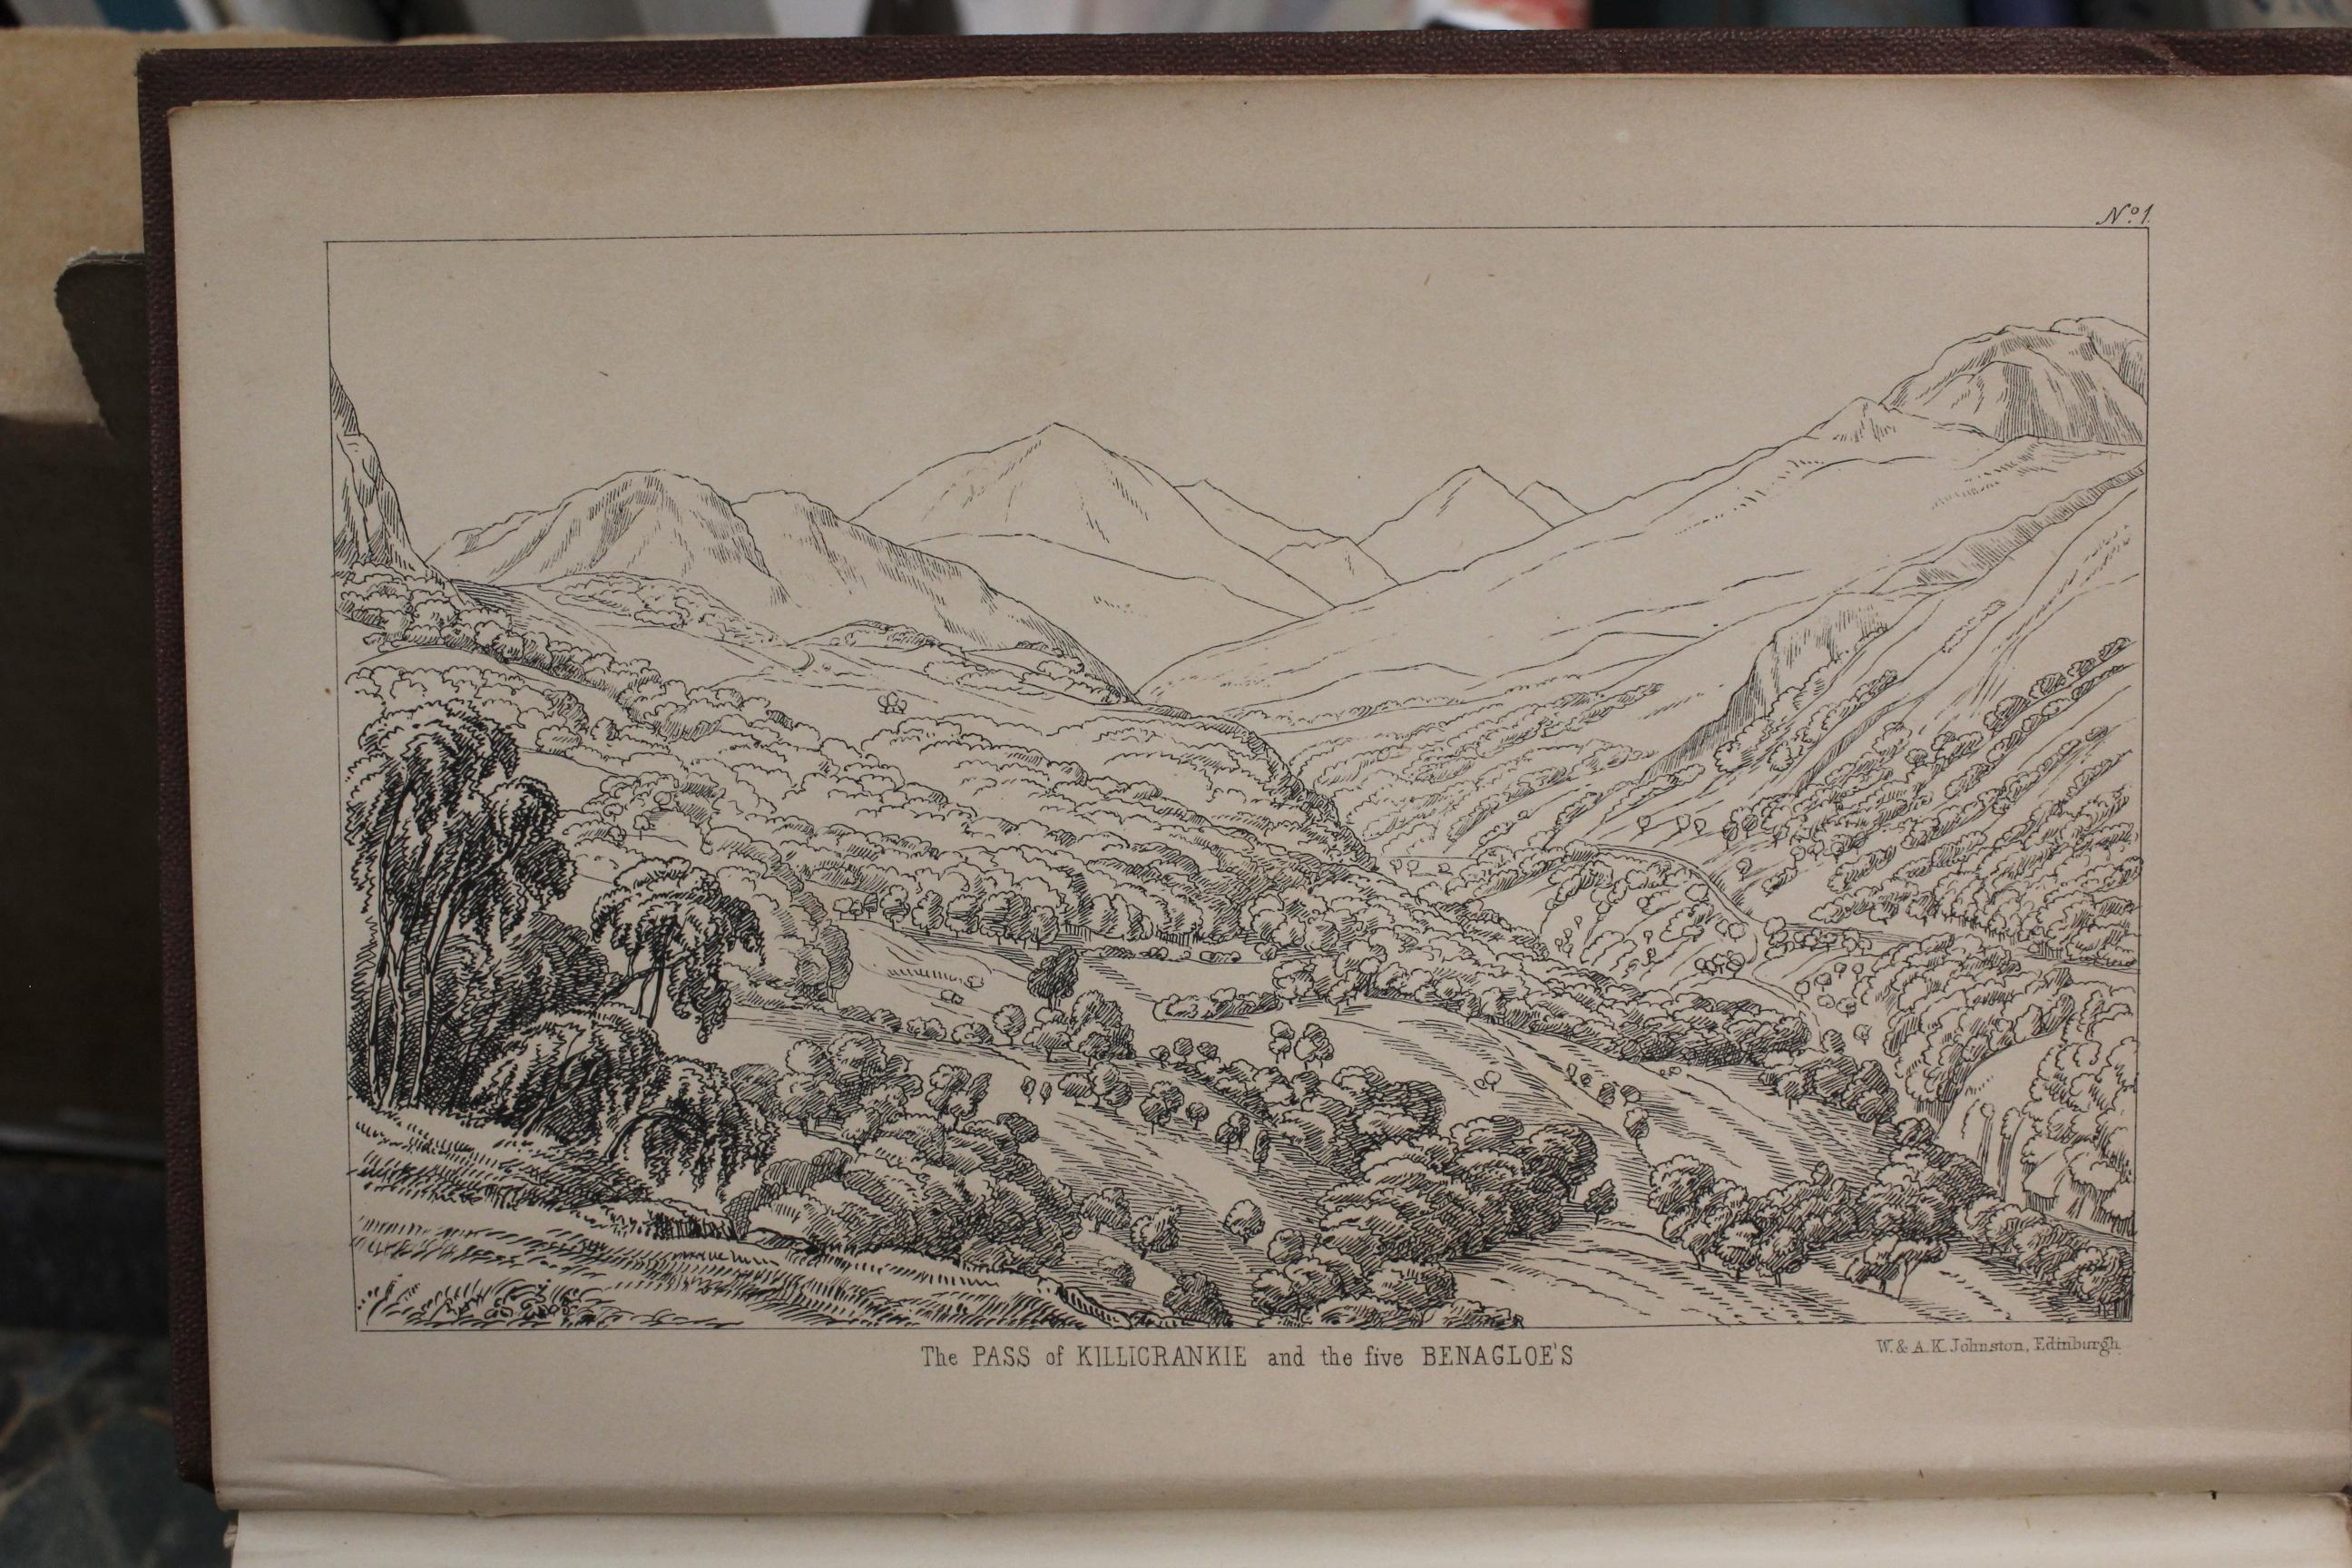 Scotland.A carton of vols. incl. Highlands & Islands. - Image 5 of 5